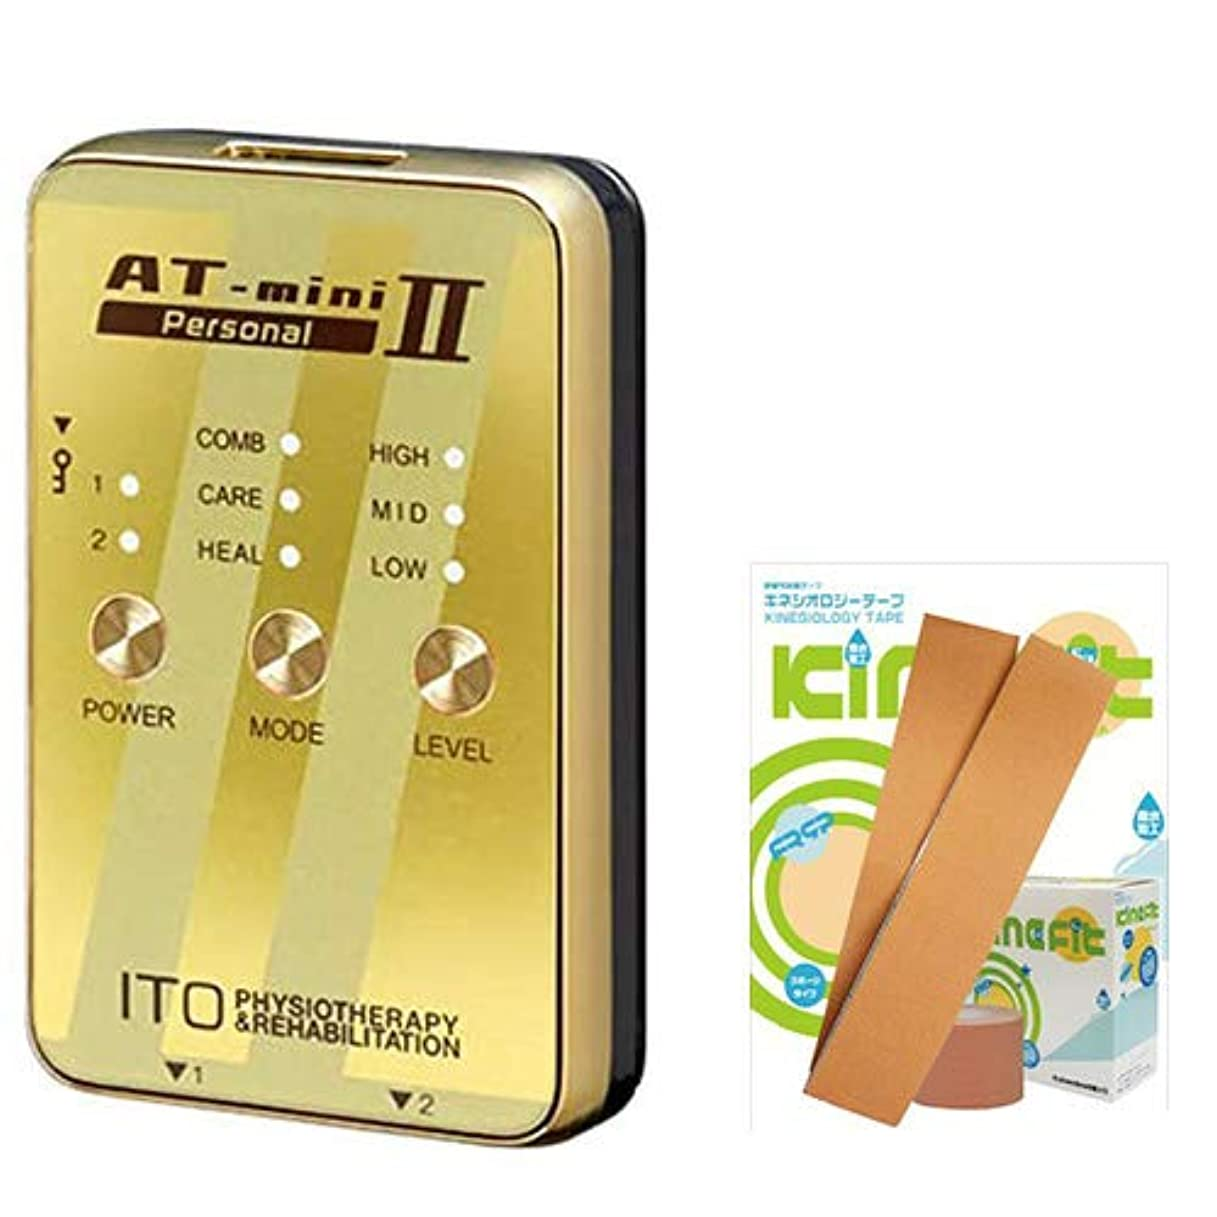 キャンベラ要旨透けて見える低周波治療器 AT-mini personal II ゴールド (ATミニパーソナル2) +キネフィットテープ50cmセット